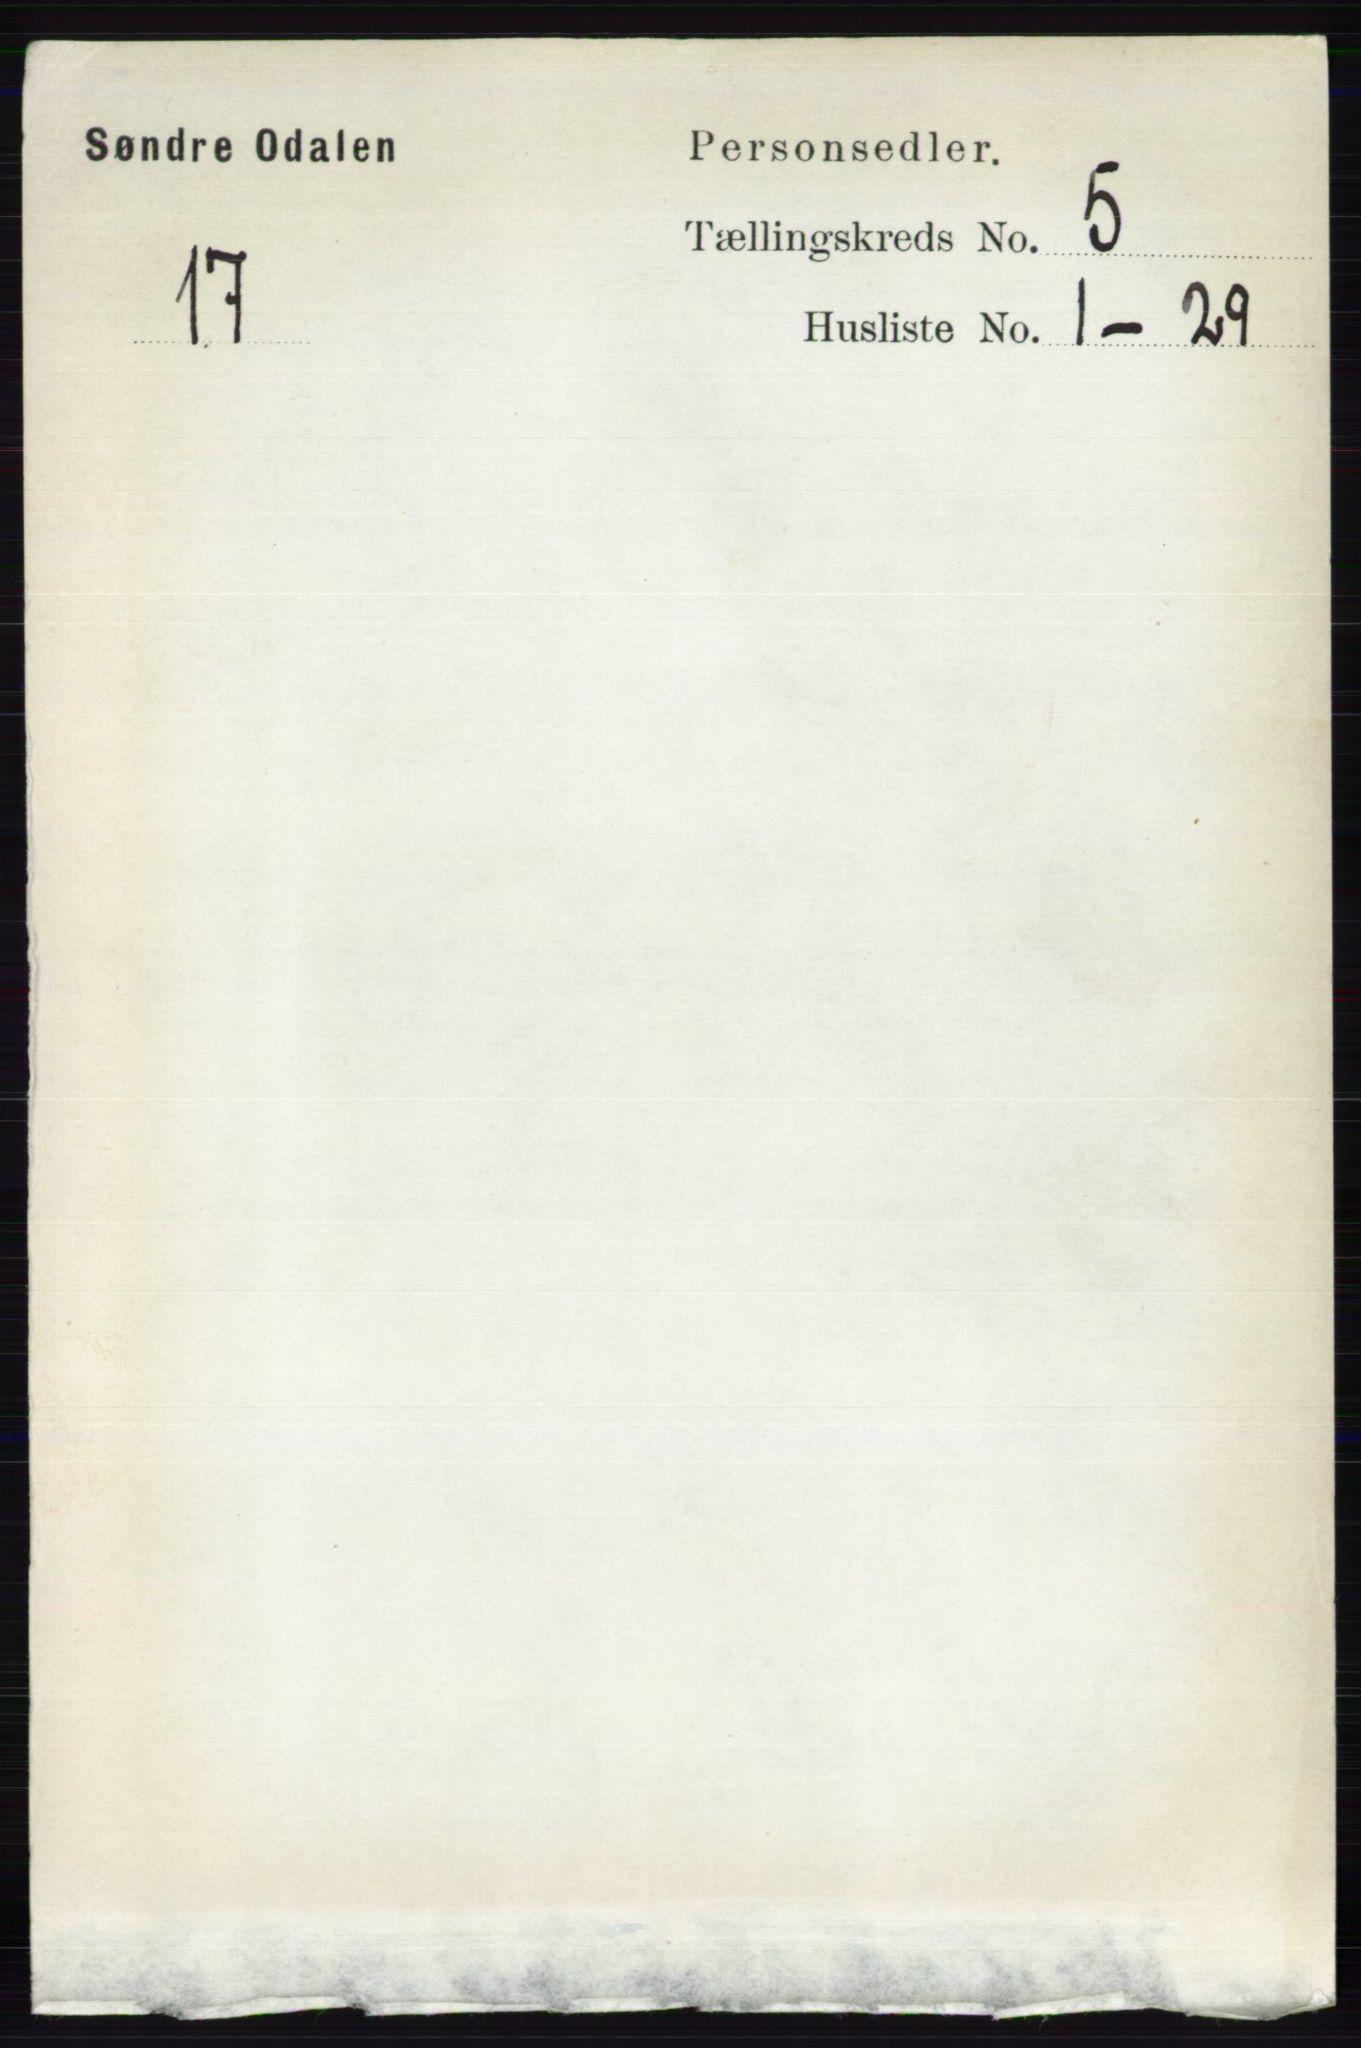 RA, Folketelling 1891 for 0419 Sør-Odal herred, 1891, s. 2329